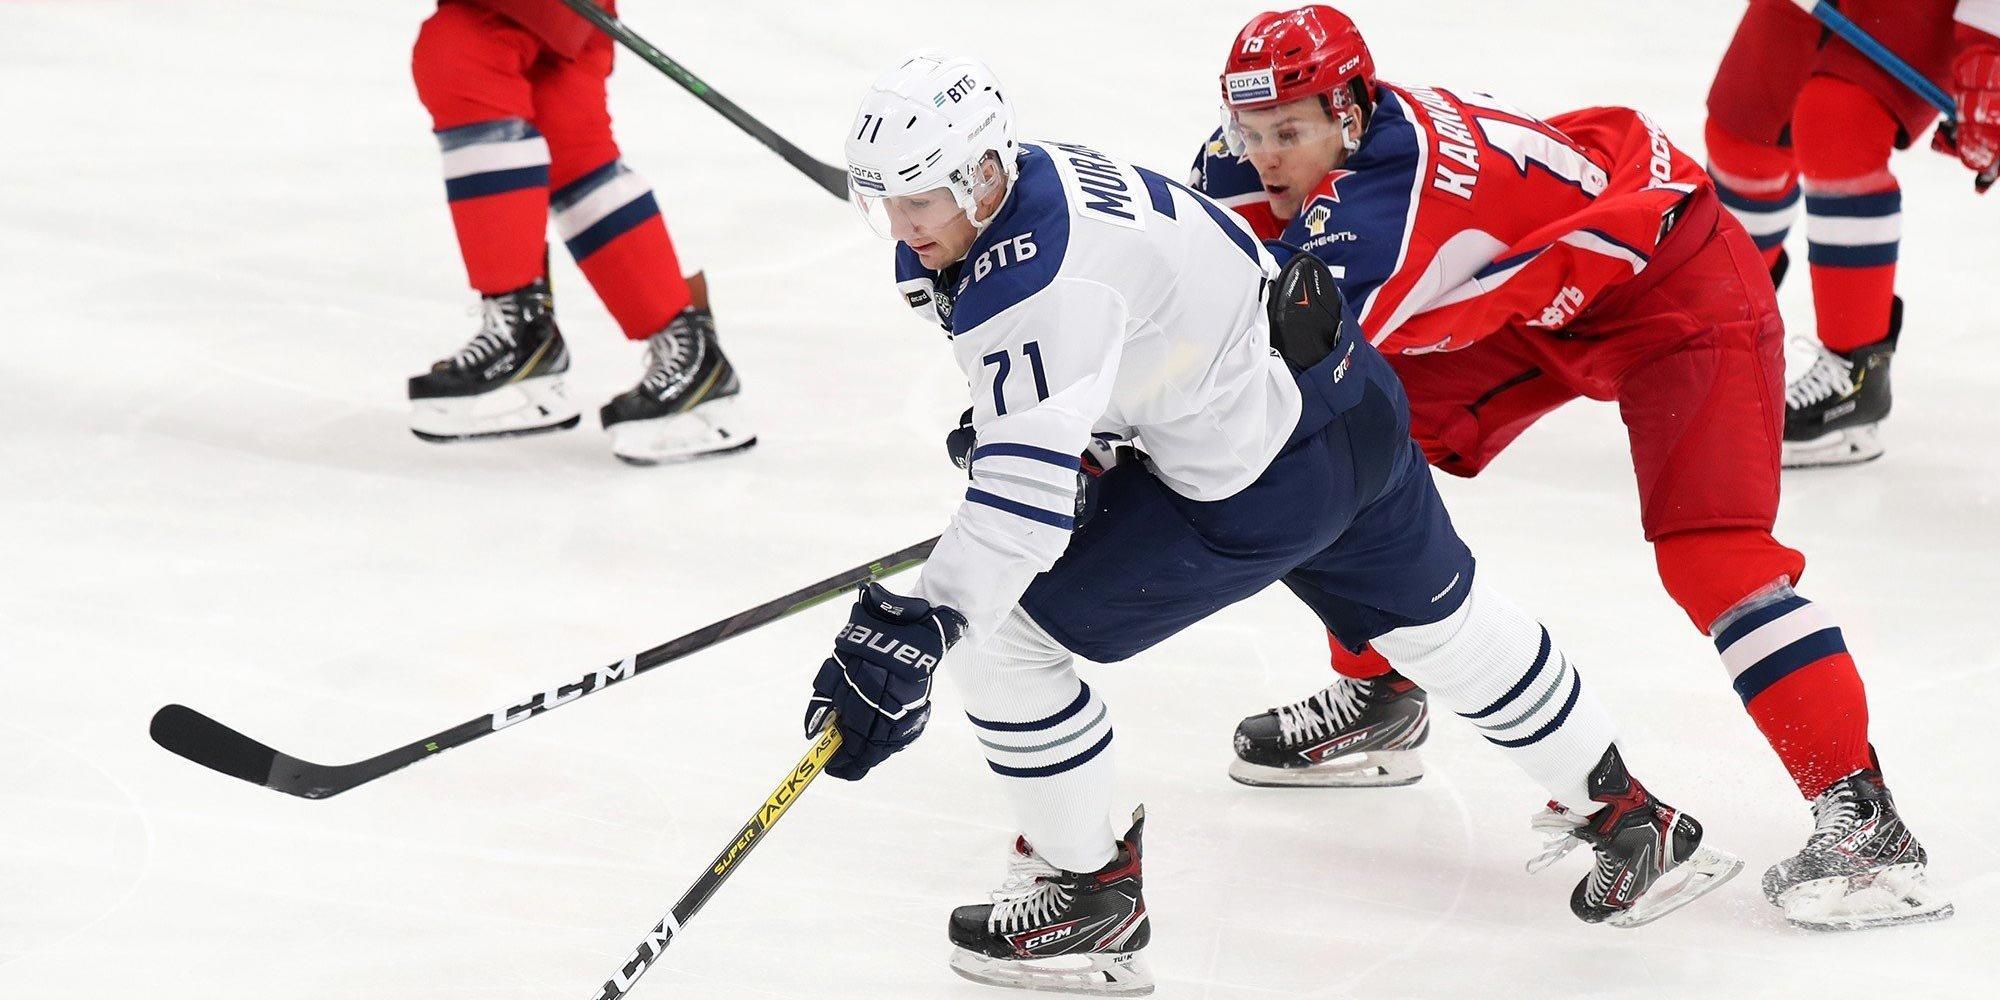 Матч звезд КХЛ пройдет в Риге 24 января 2021 года